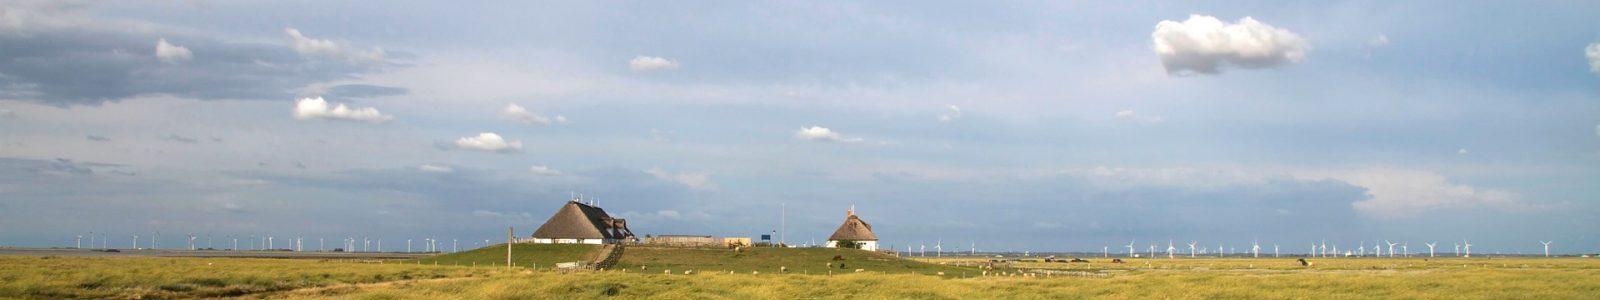 Weite und Ruhe auf einer Hallig in der Nordsee